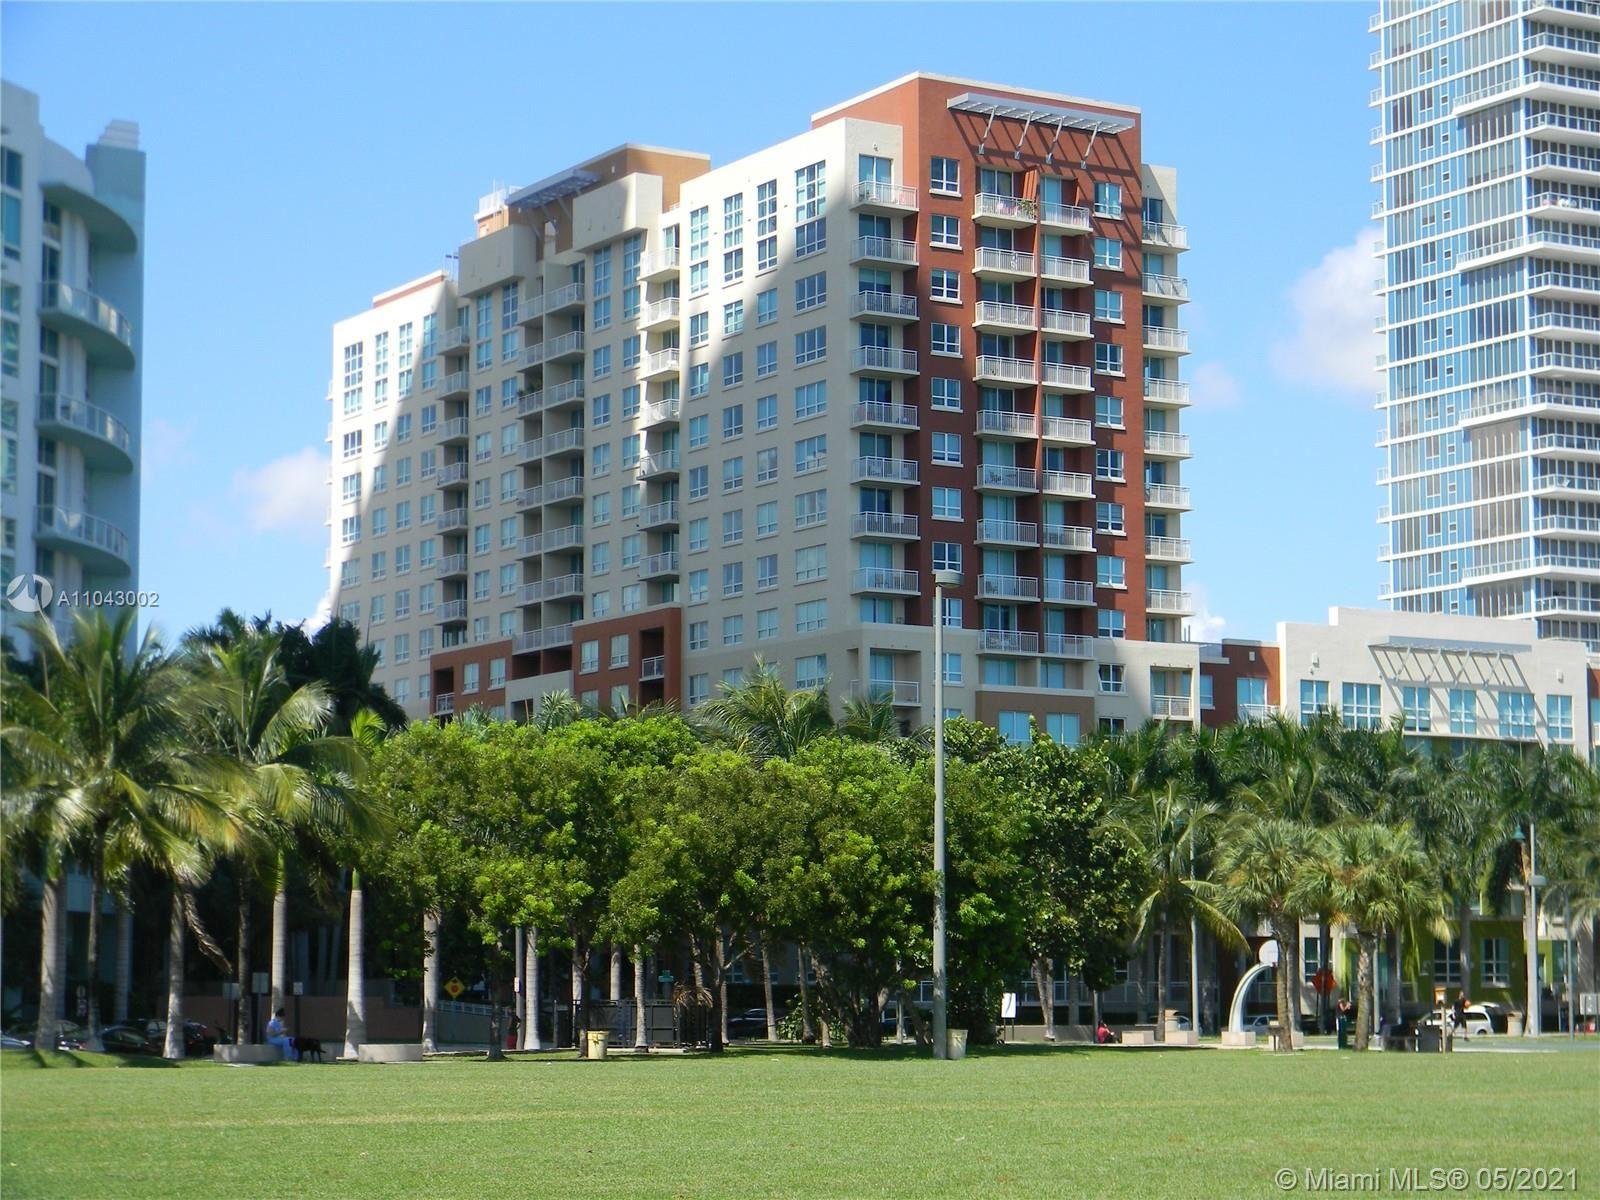 2000 N Bayshore Dr #411, Miami, FL 33137 - #: A11043002